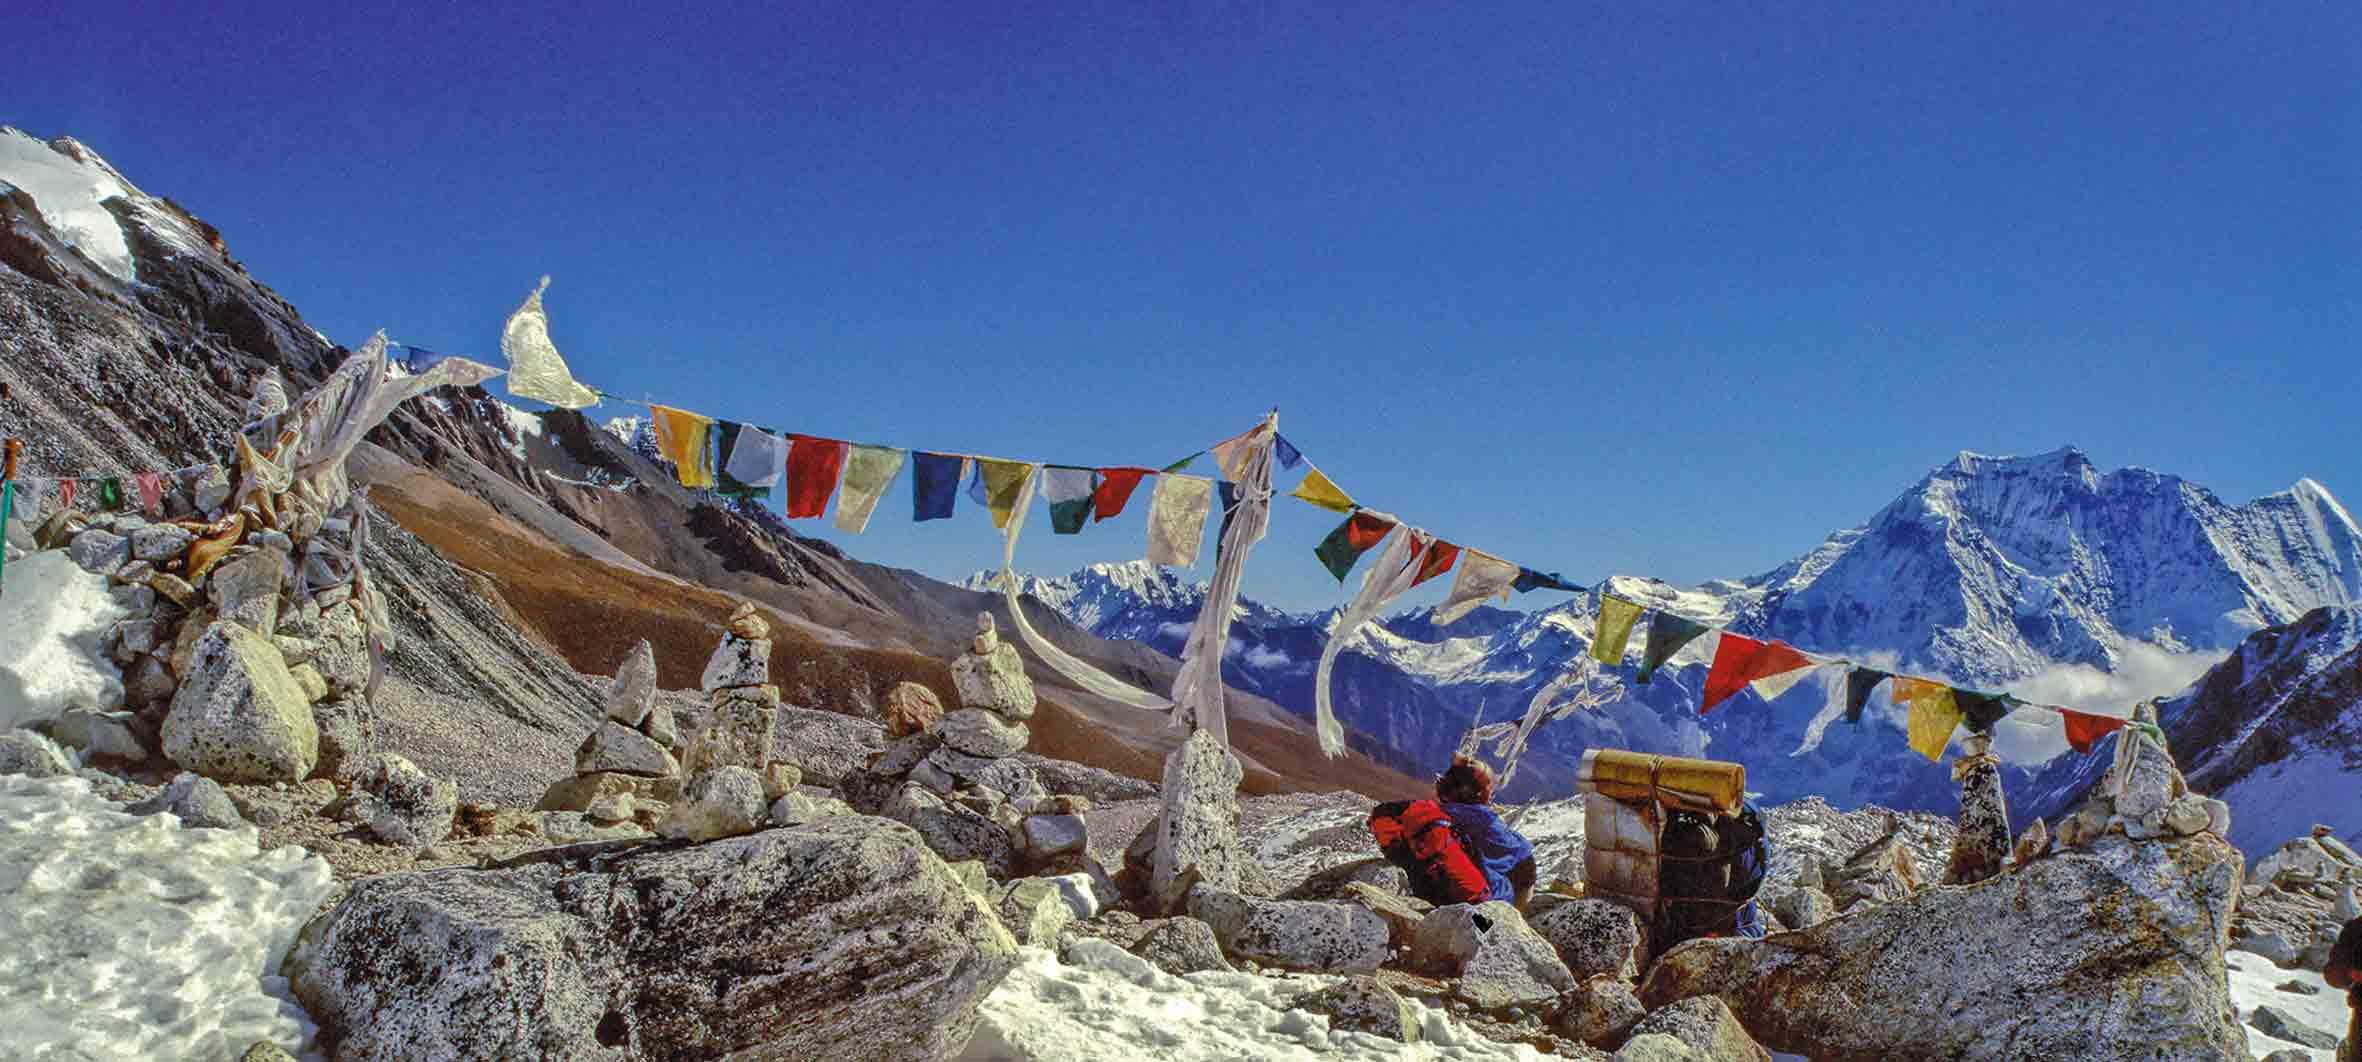 Überquerung des Larkya La, 5160 m, Nepal